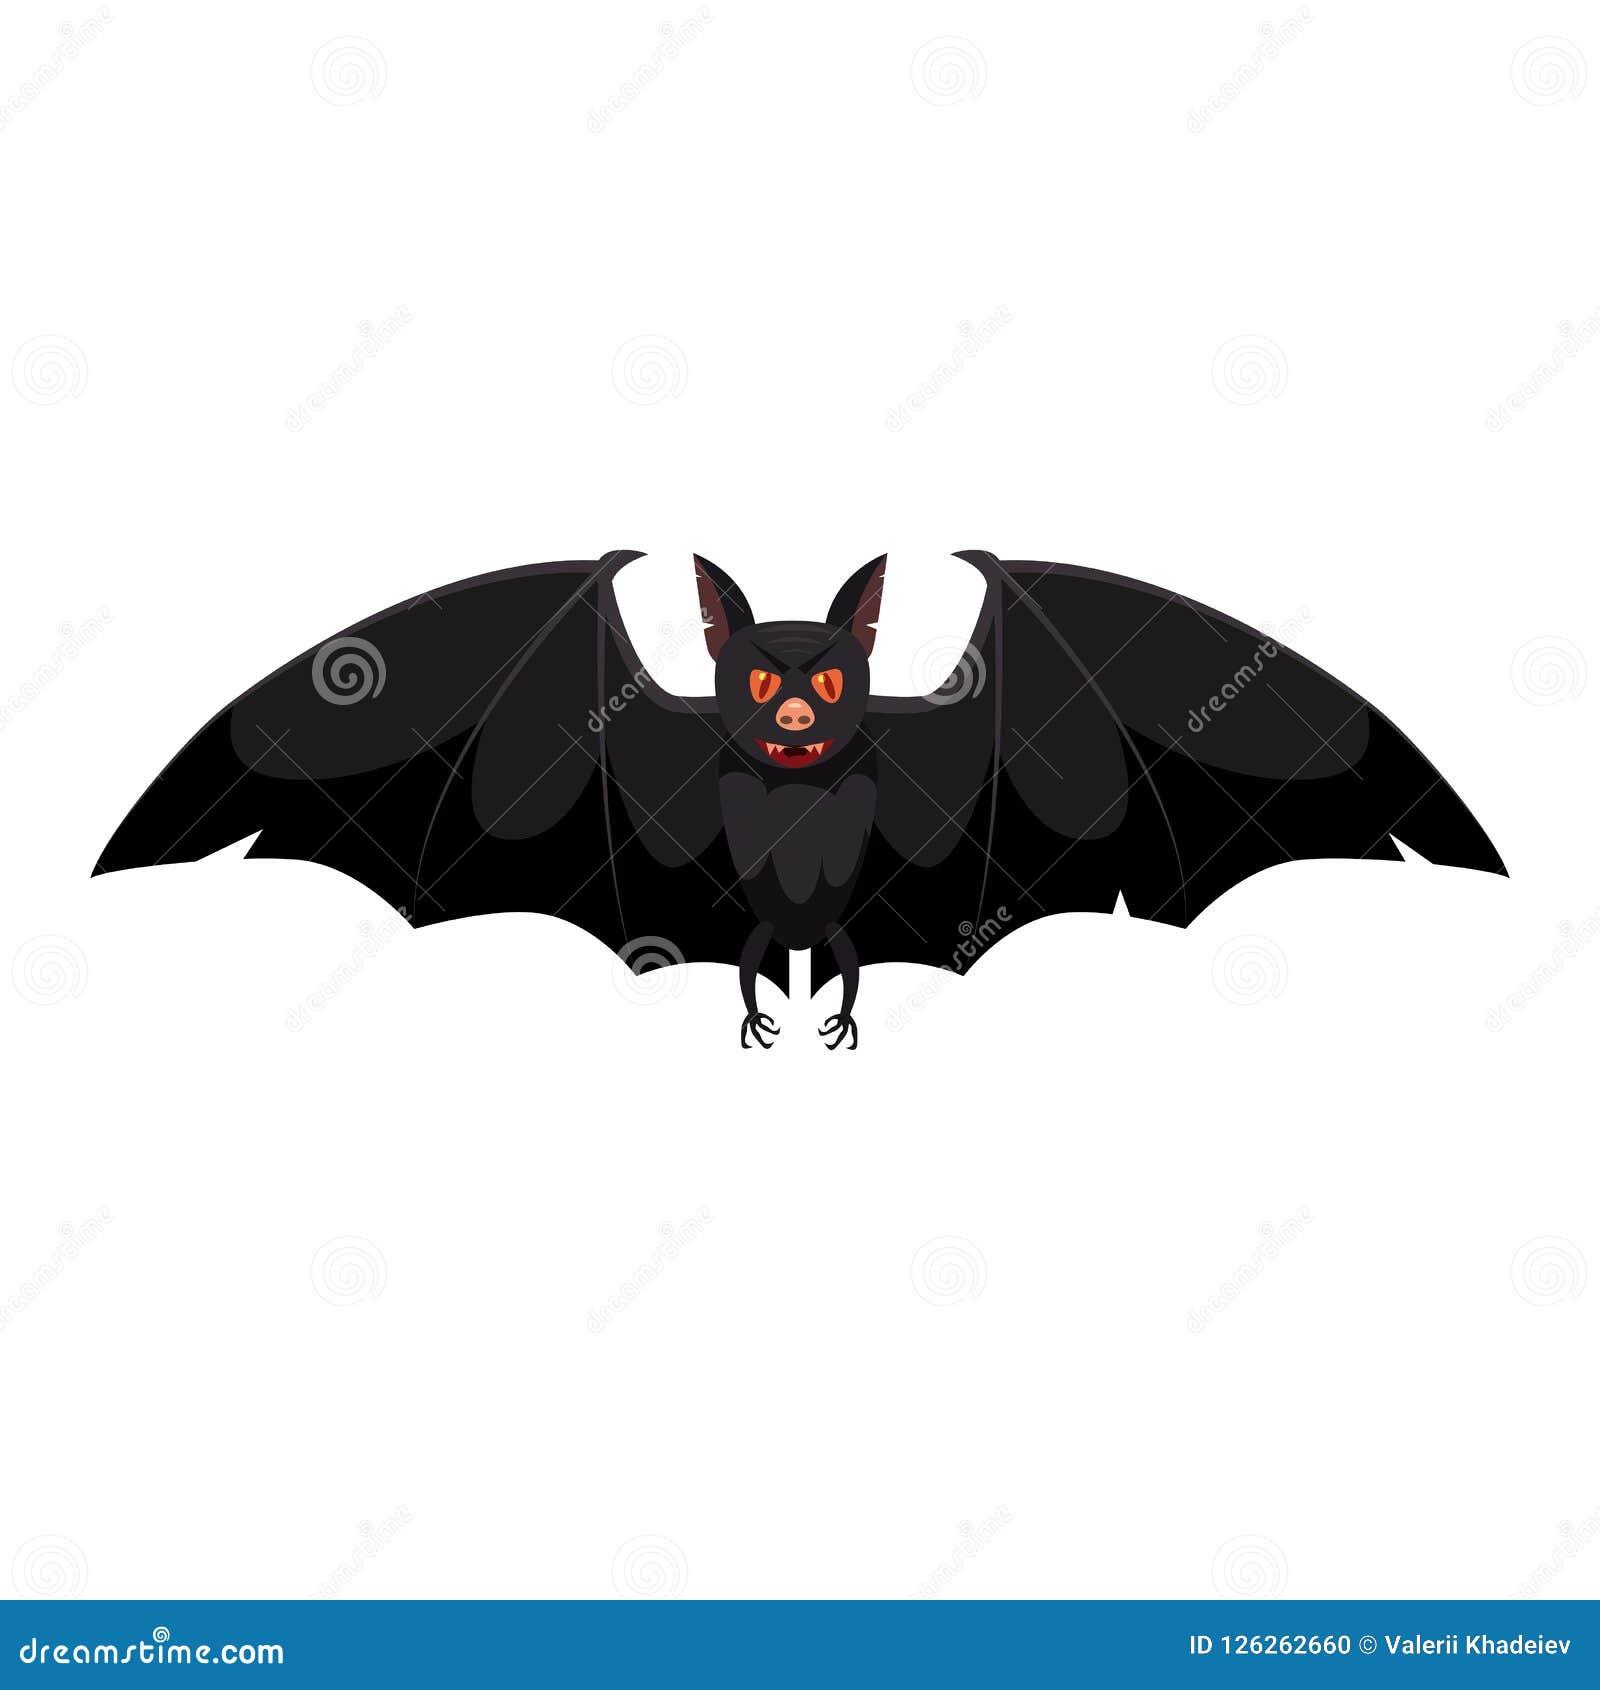 Il pipistrello, festa Halloween, carattere, attributo, icona, vettore, illustrazione, isolata, styyle del fumetto